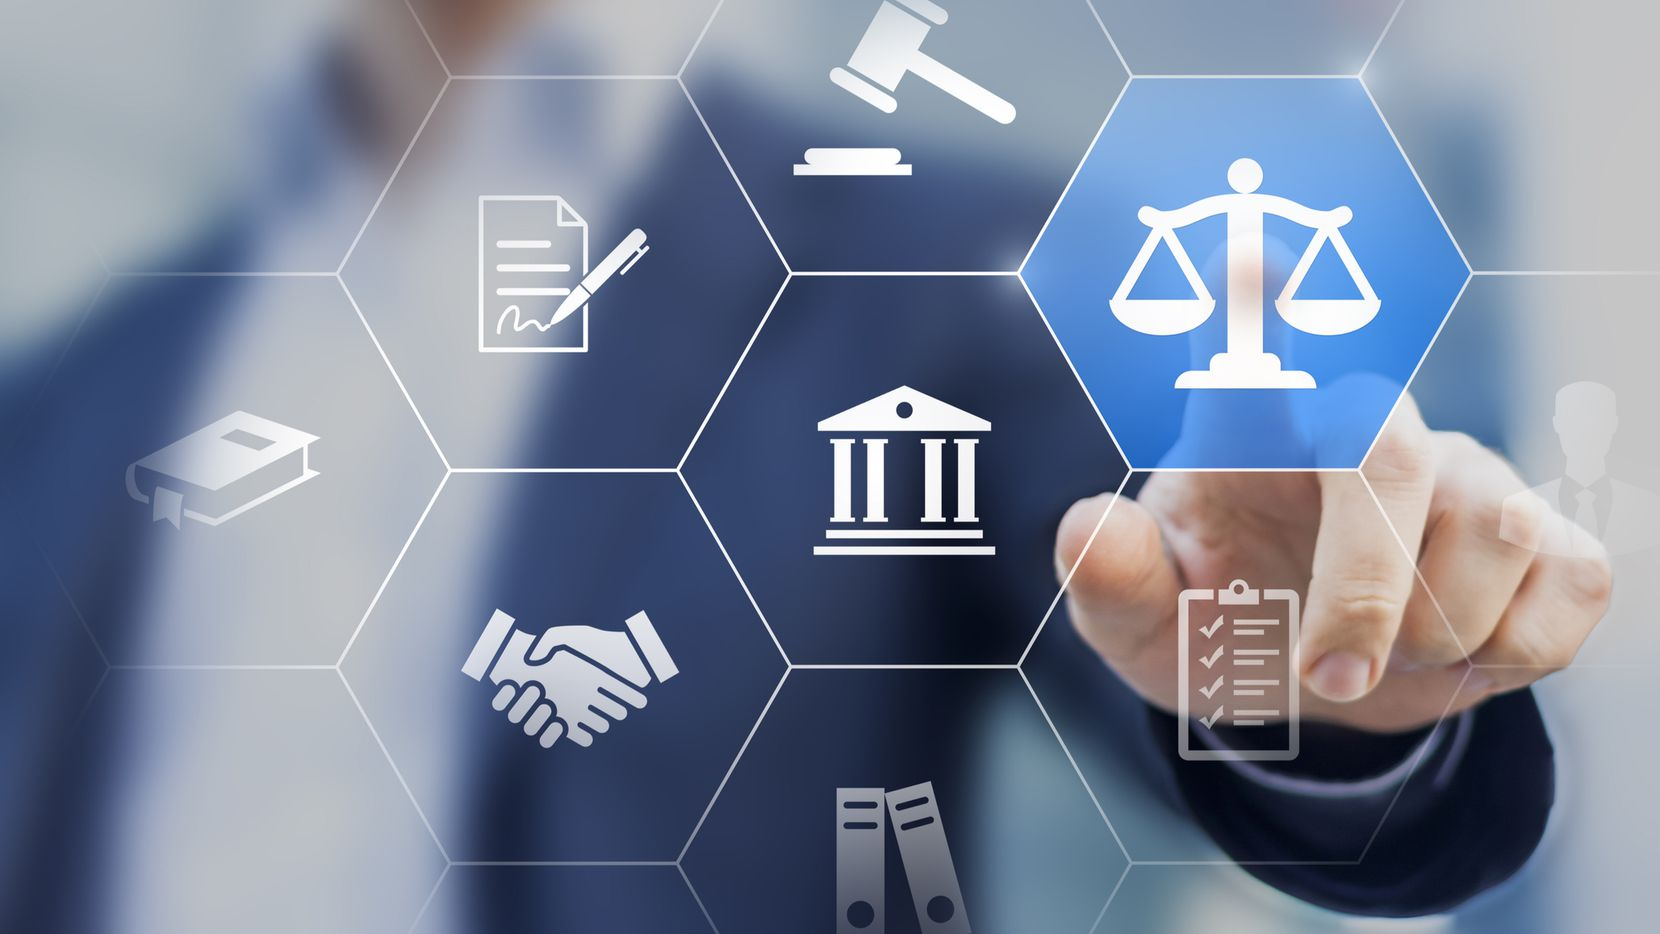 SMU ofrece un servicio legal gratuito a través de un número telefónico para temas relacionados con la crisis de covid-19.